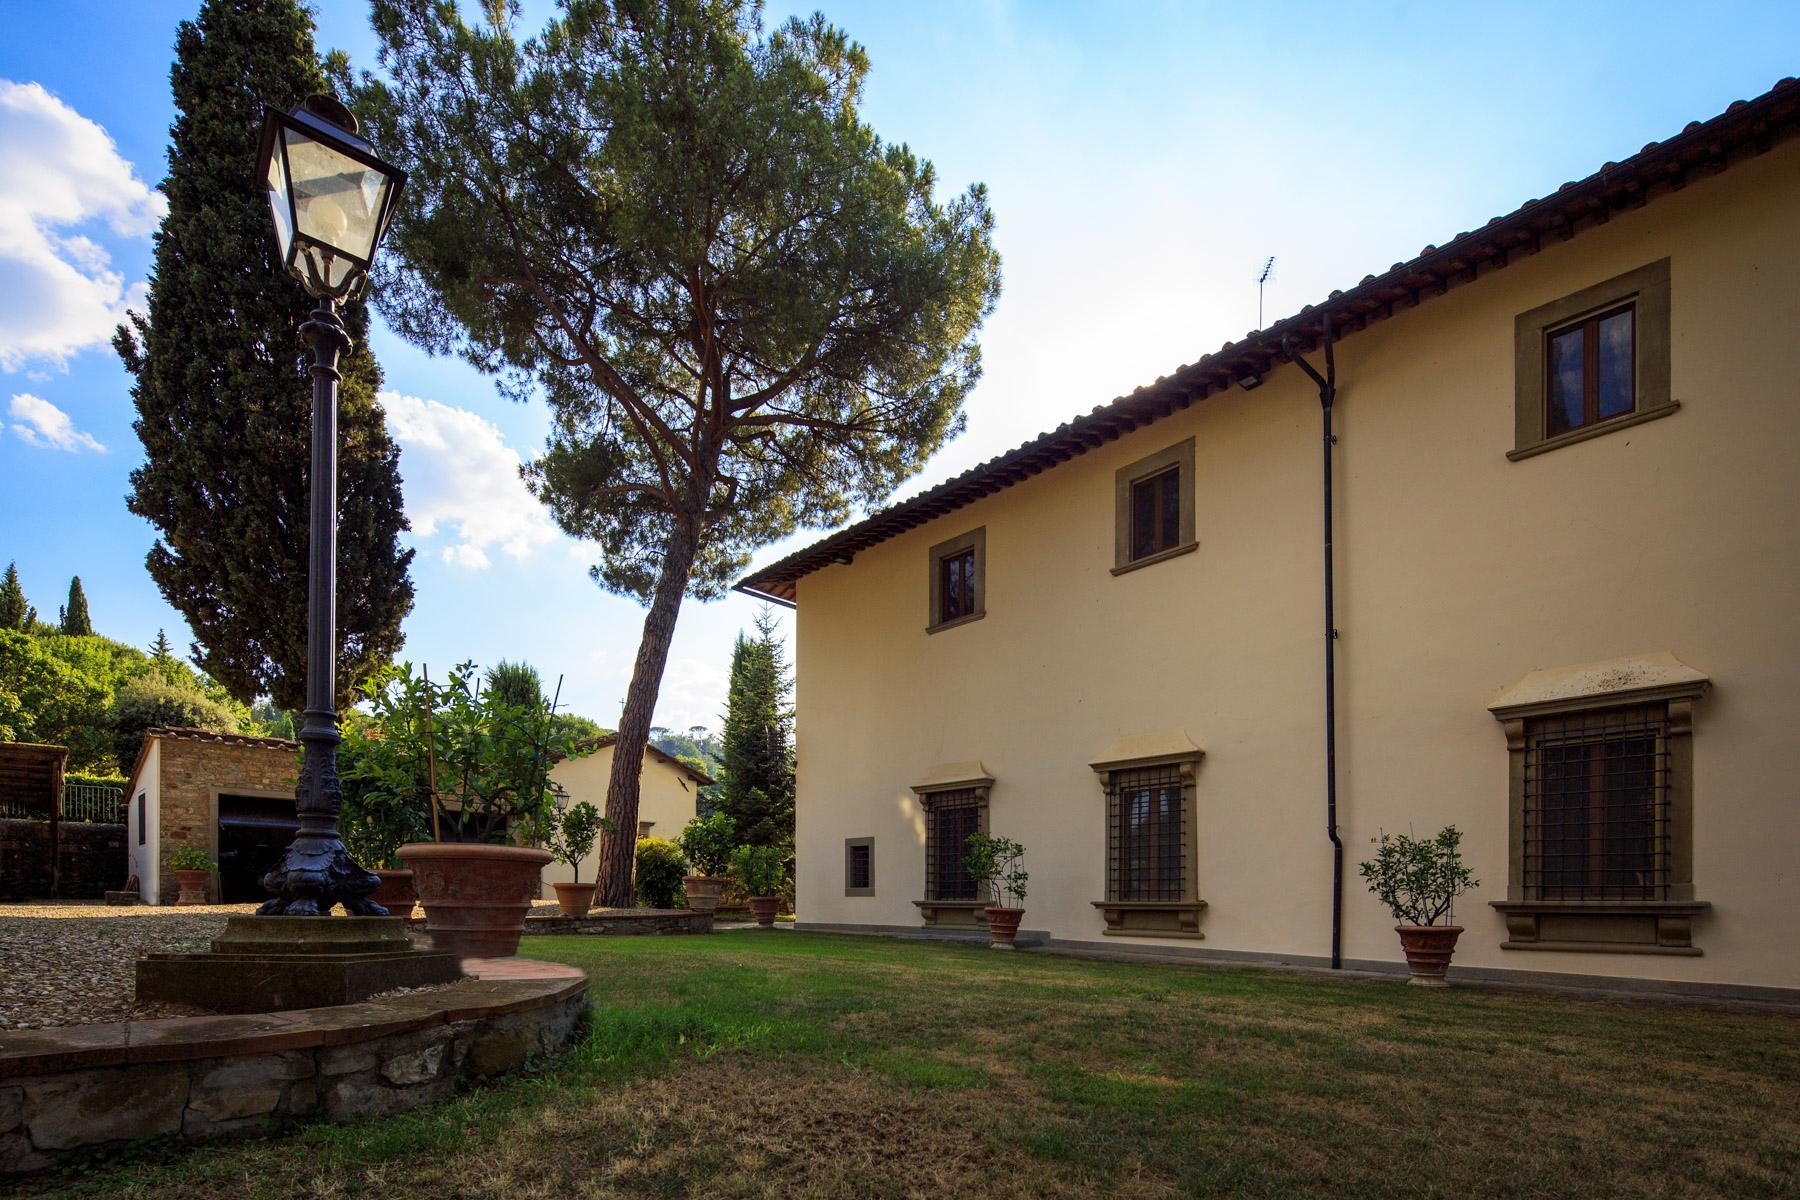 Majestische Villa aus der Renaissance mit Weinkeller und Weinberg - 4